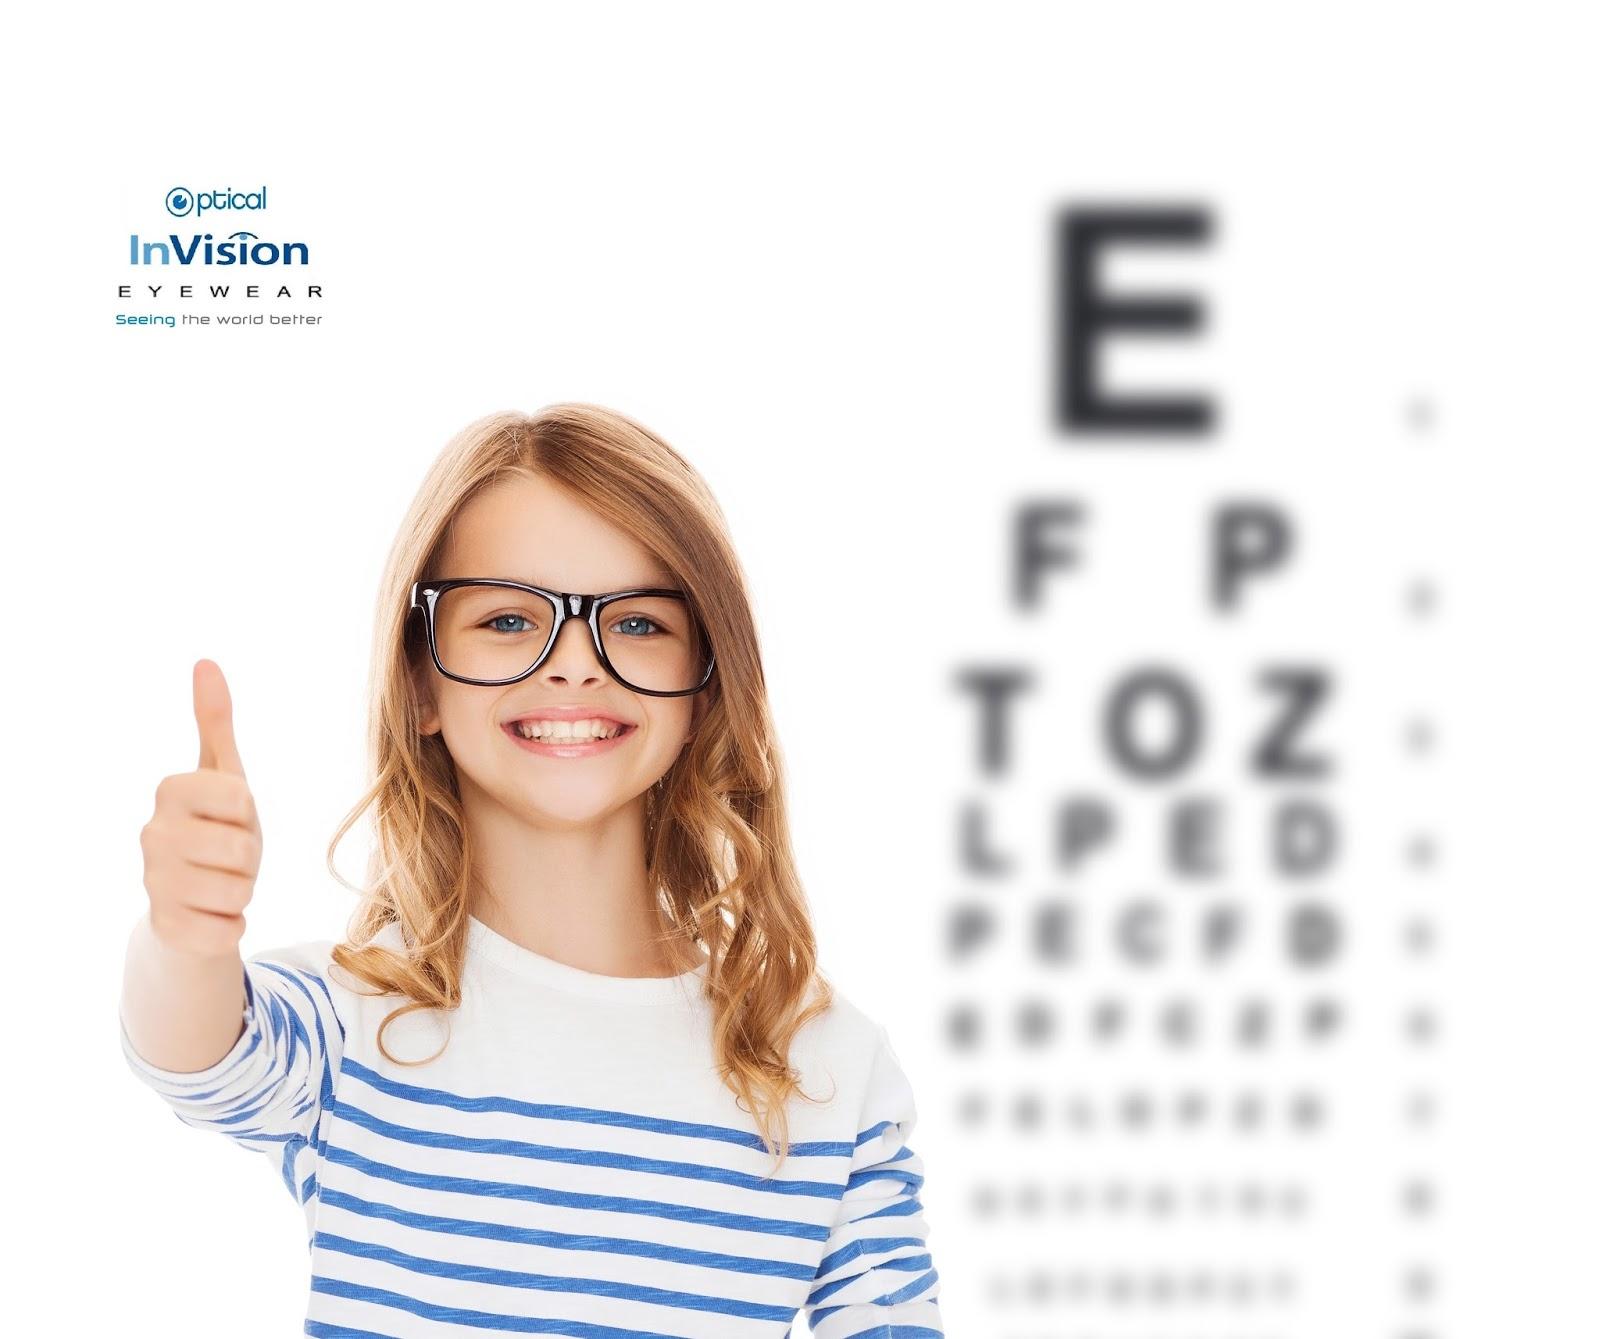 Επιστροφή στο σχολείο  Τα ύποπτα συμπτώματα στην όραση των παιδιών –  Απαραίτητος ο οφθαλμολογικός έλεγχος. a9add205e4d